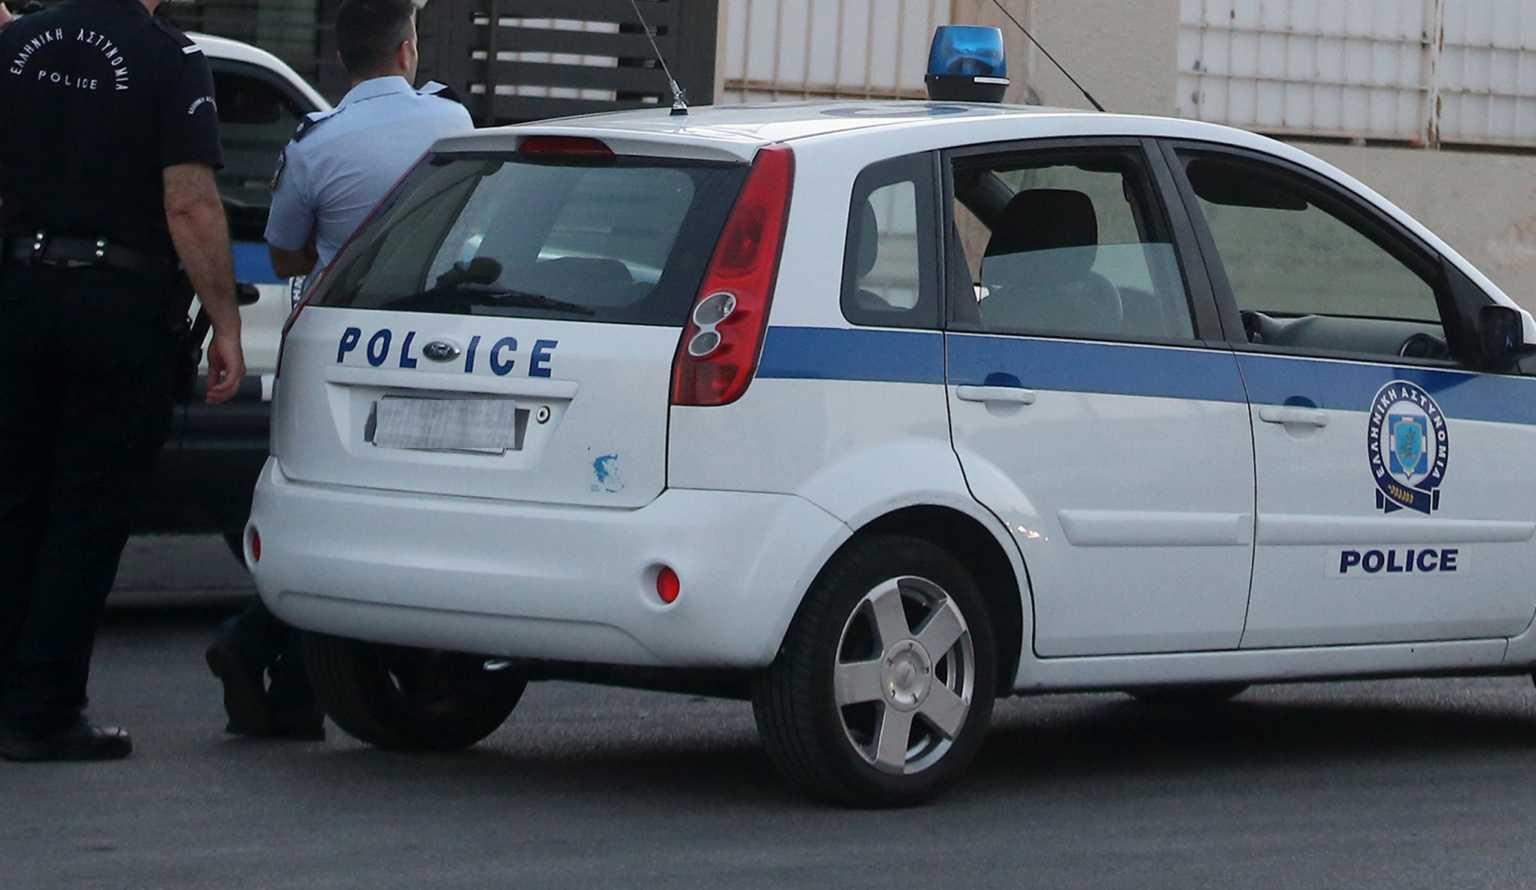 Χανιά: Πήγαινε στον τάφο της κόρη της και κινδύνεψε με 600 ευρώ πρόστιμο (video)